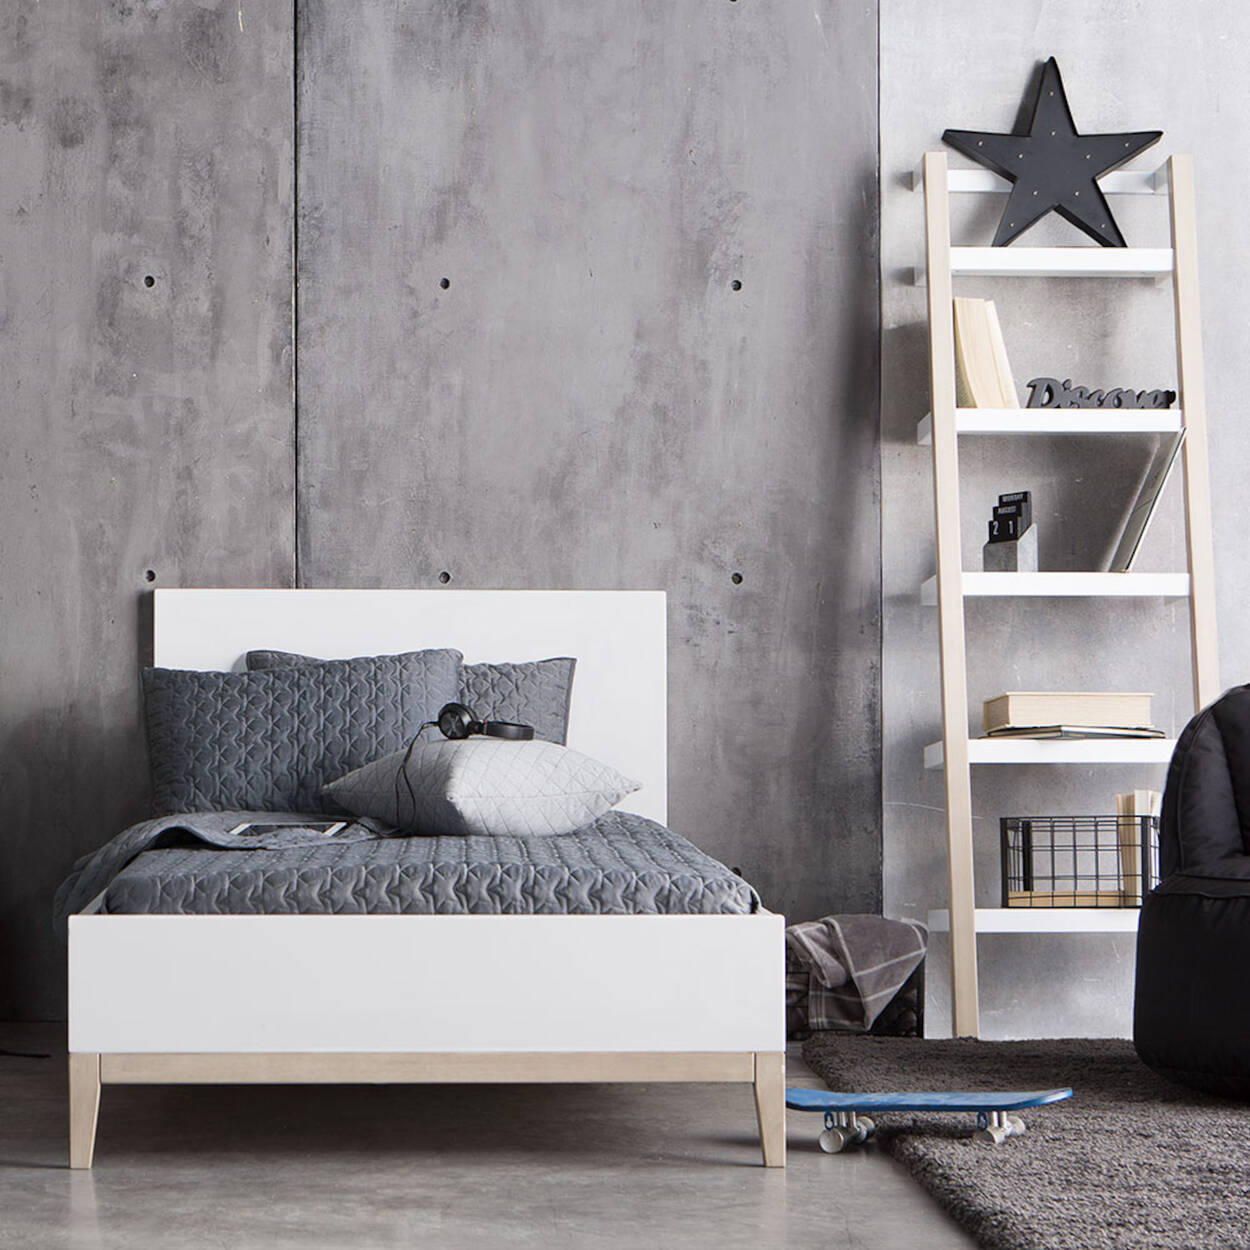 lit jumeau en bois. Black Bedroom Furniture Sets. Home Design Ideas